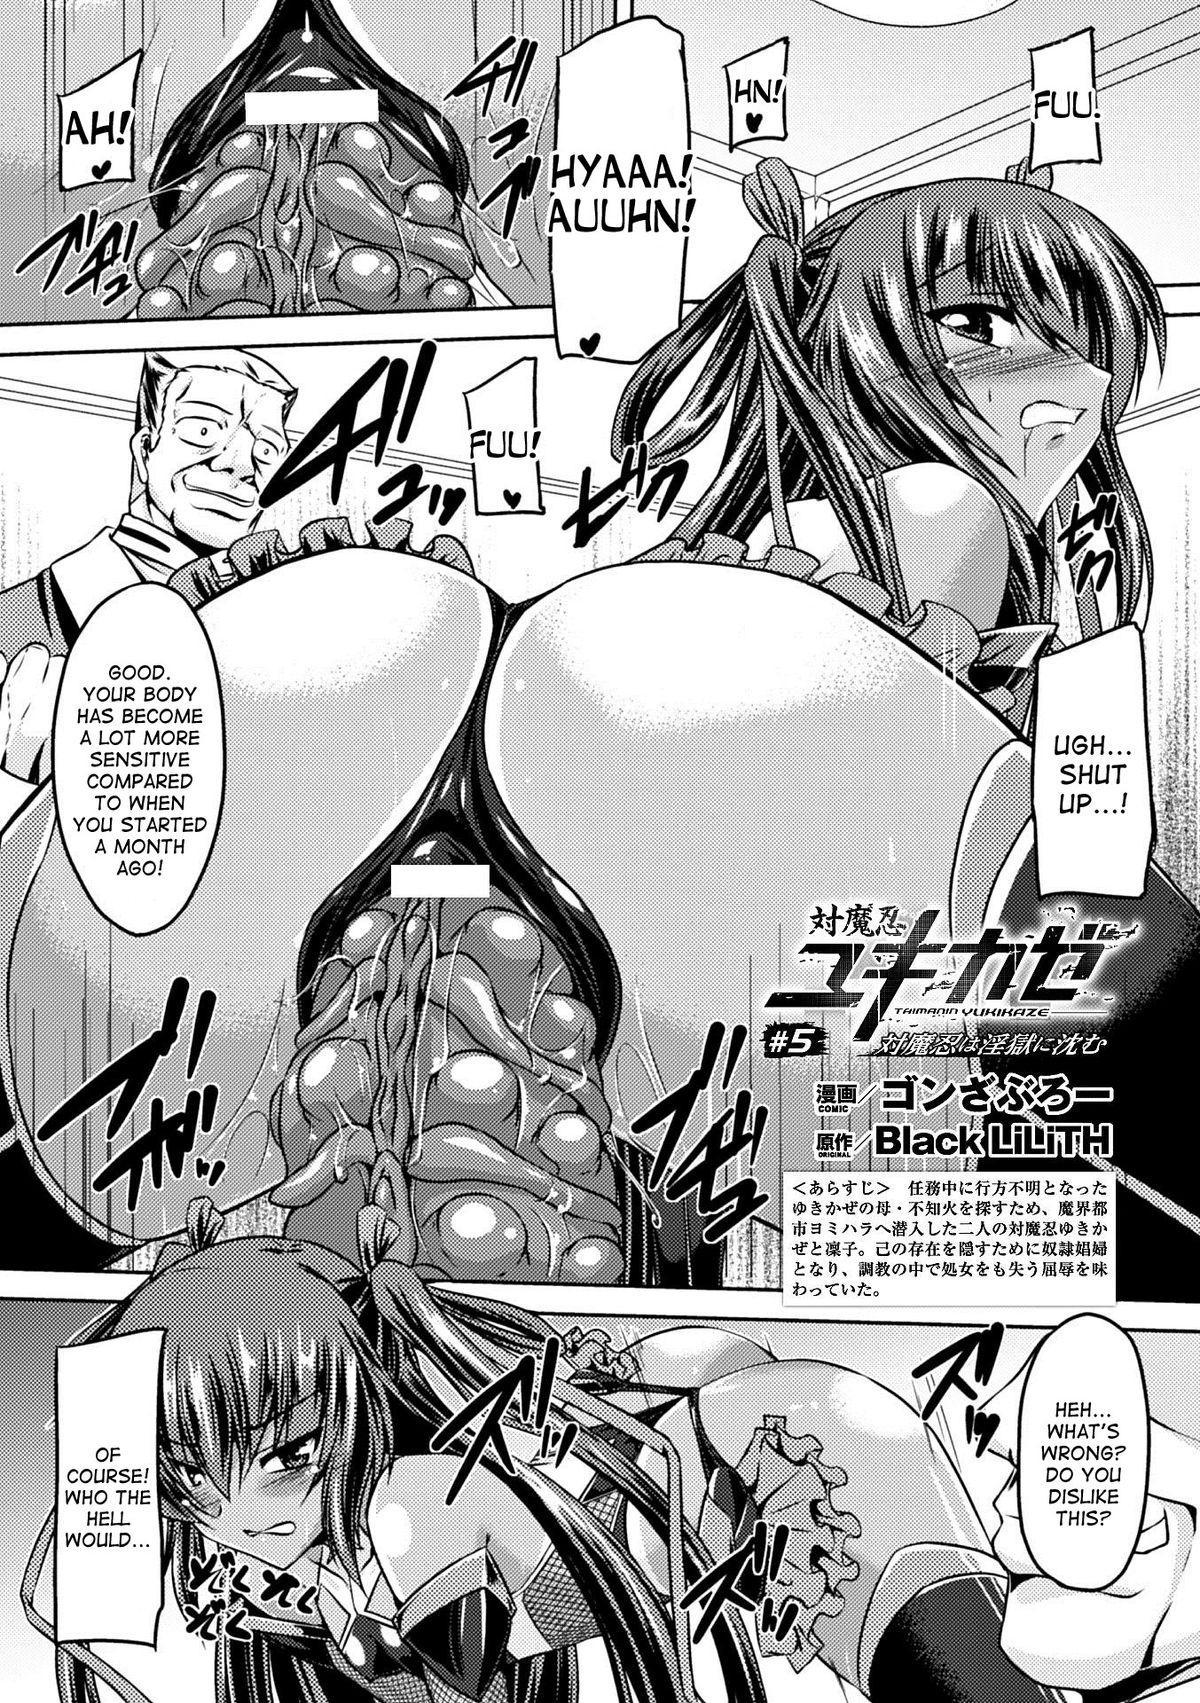 [Gonzaburo-] Taimanin Yukikaze - Taimanin wa Ingoku ni Shizumu #1-6 | Taimanin Yukikaze - Taimanin's fall into the lewd hell #1-5 [English] [desudesu] [Digital] 66